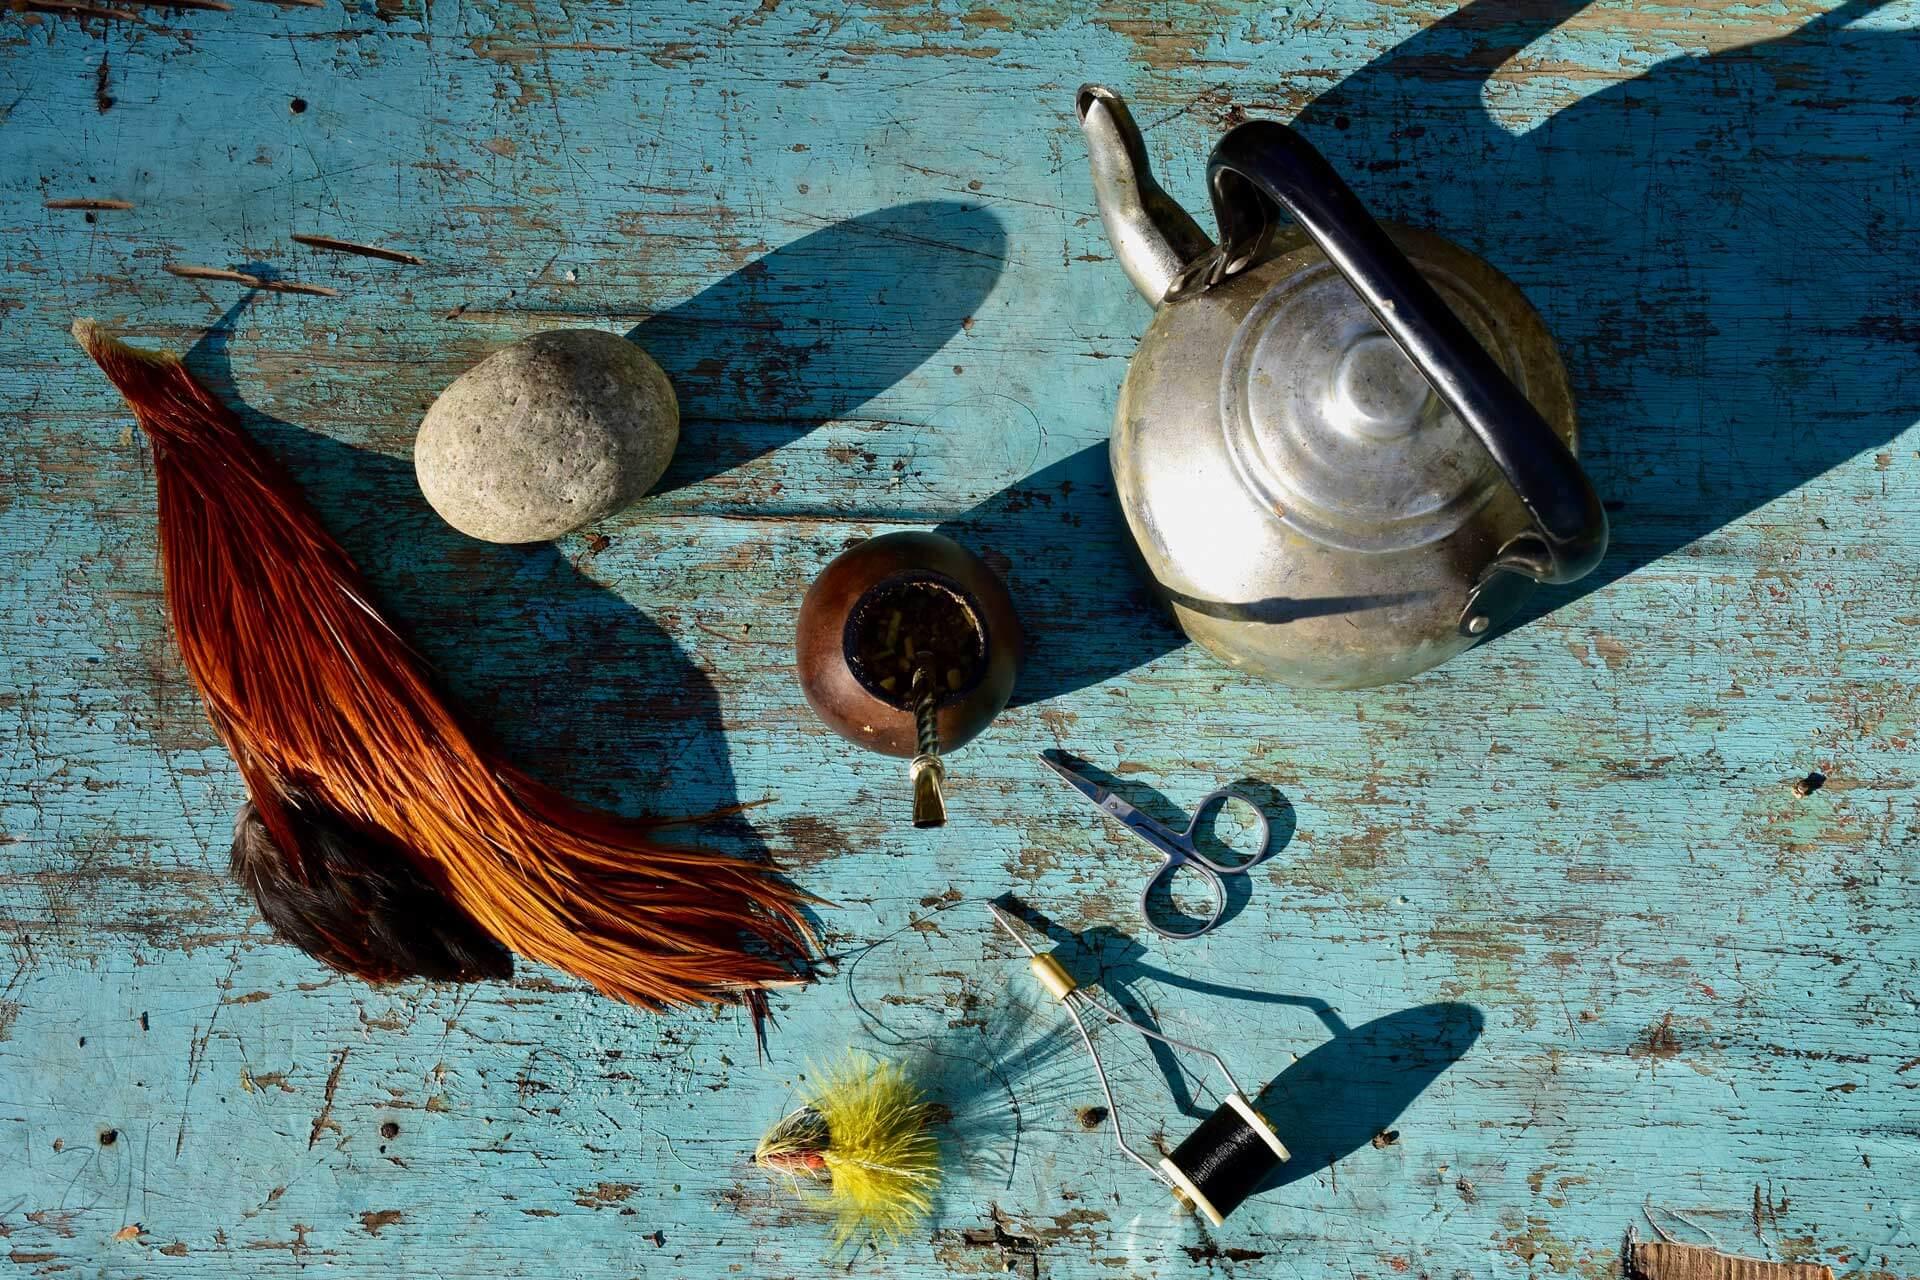 Stillleben mit Mate-Tee und Streamer am Frühstückstisch